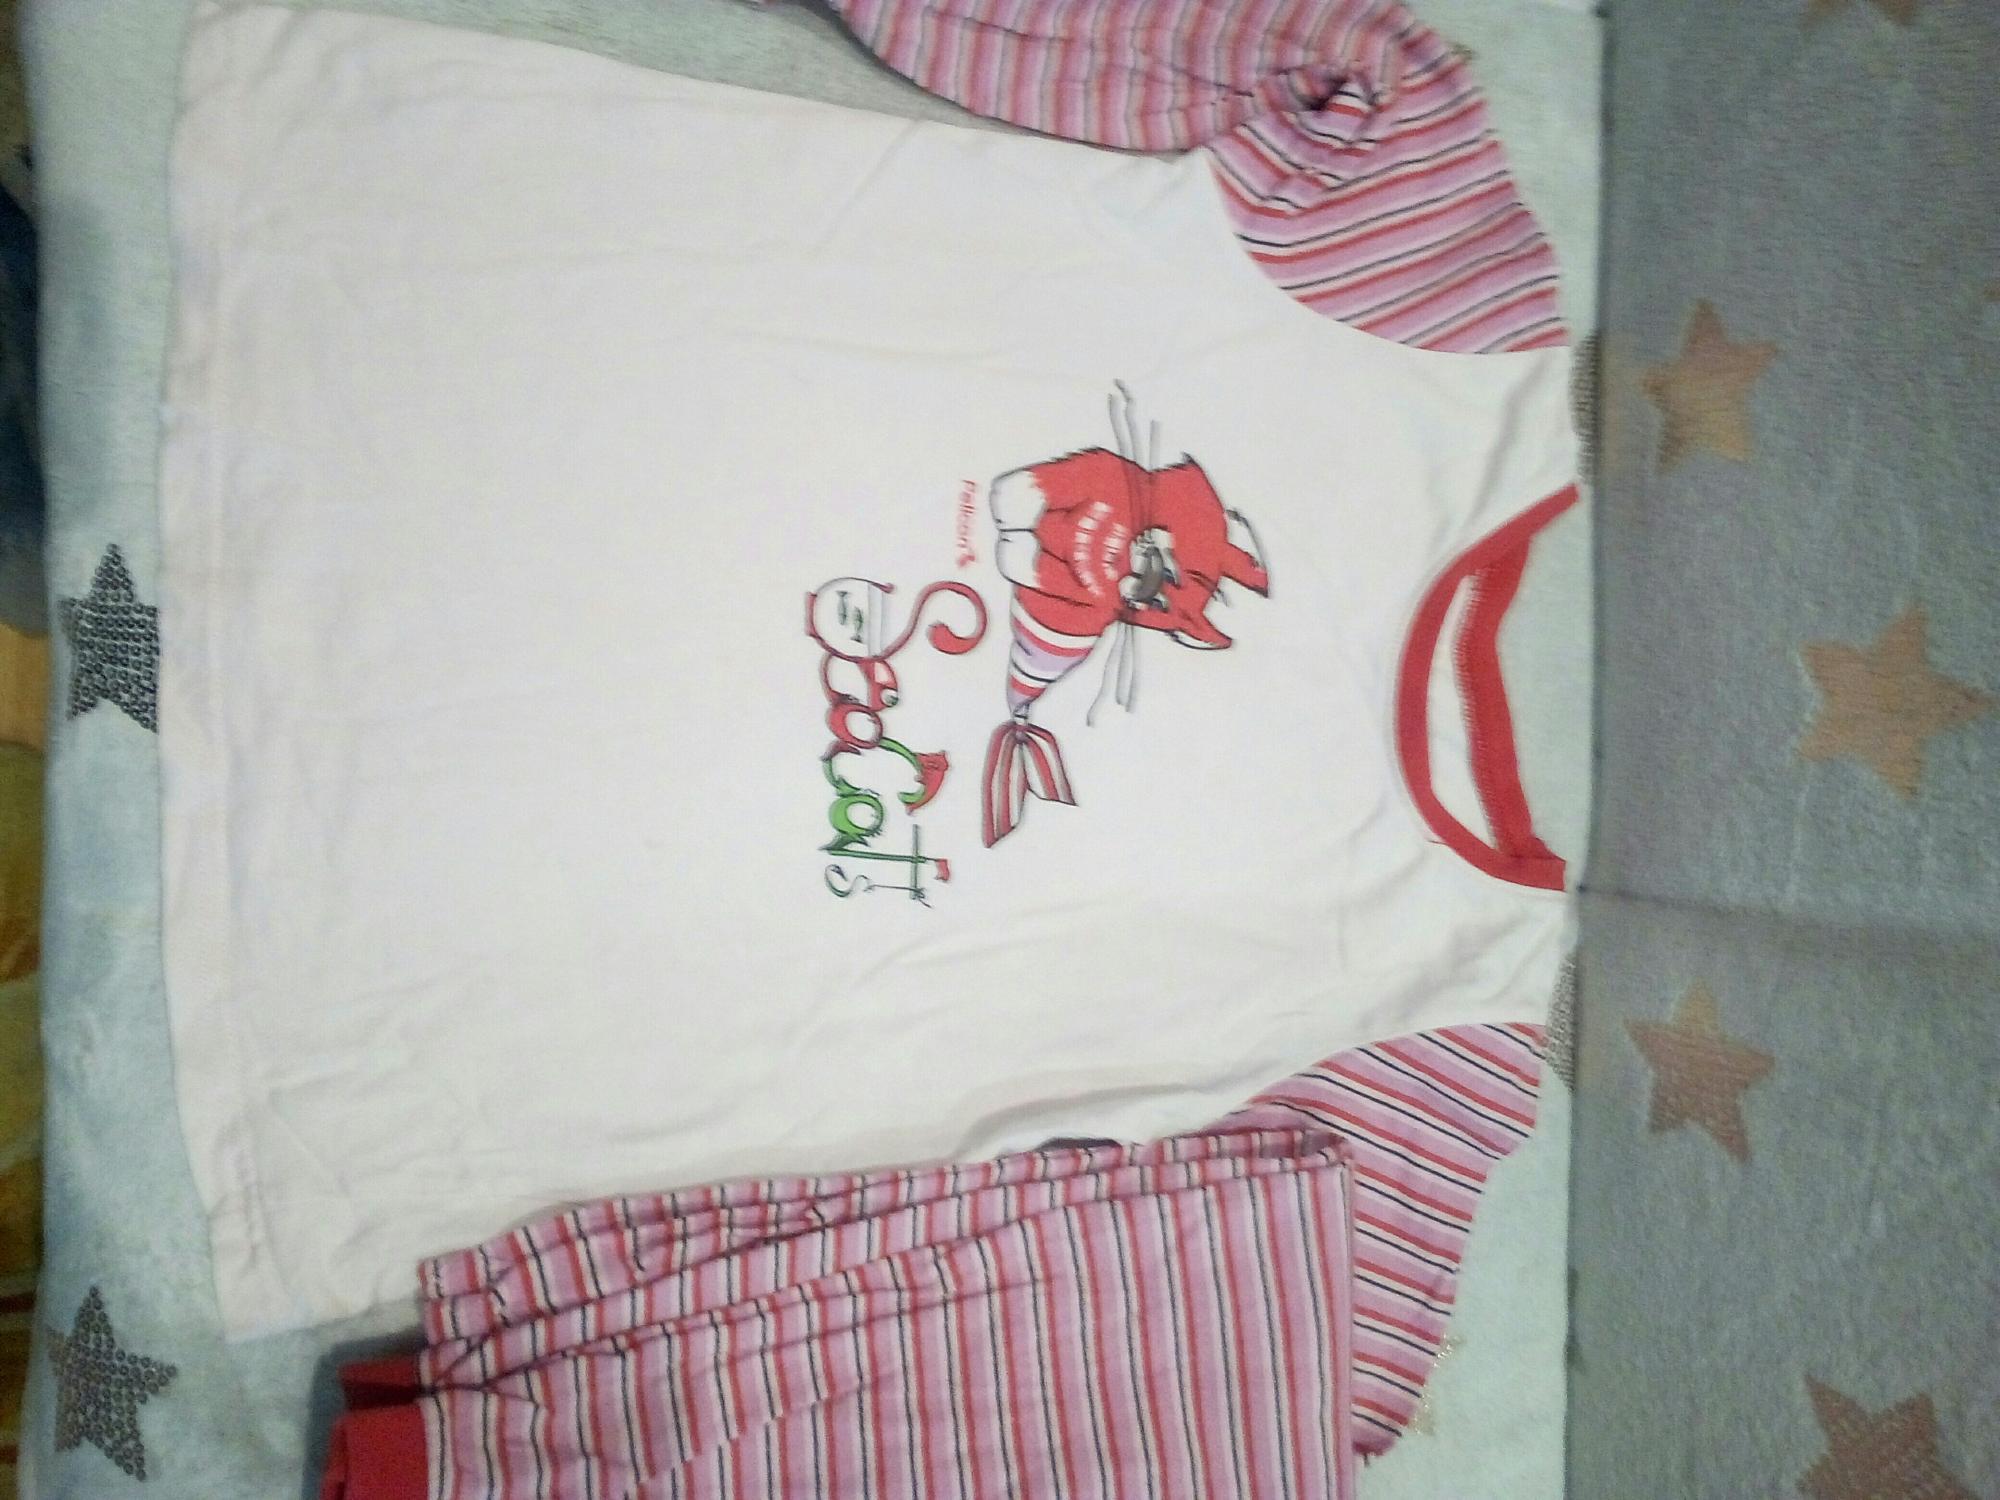 Children s pajamas in Kimovsk